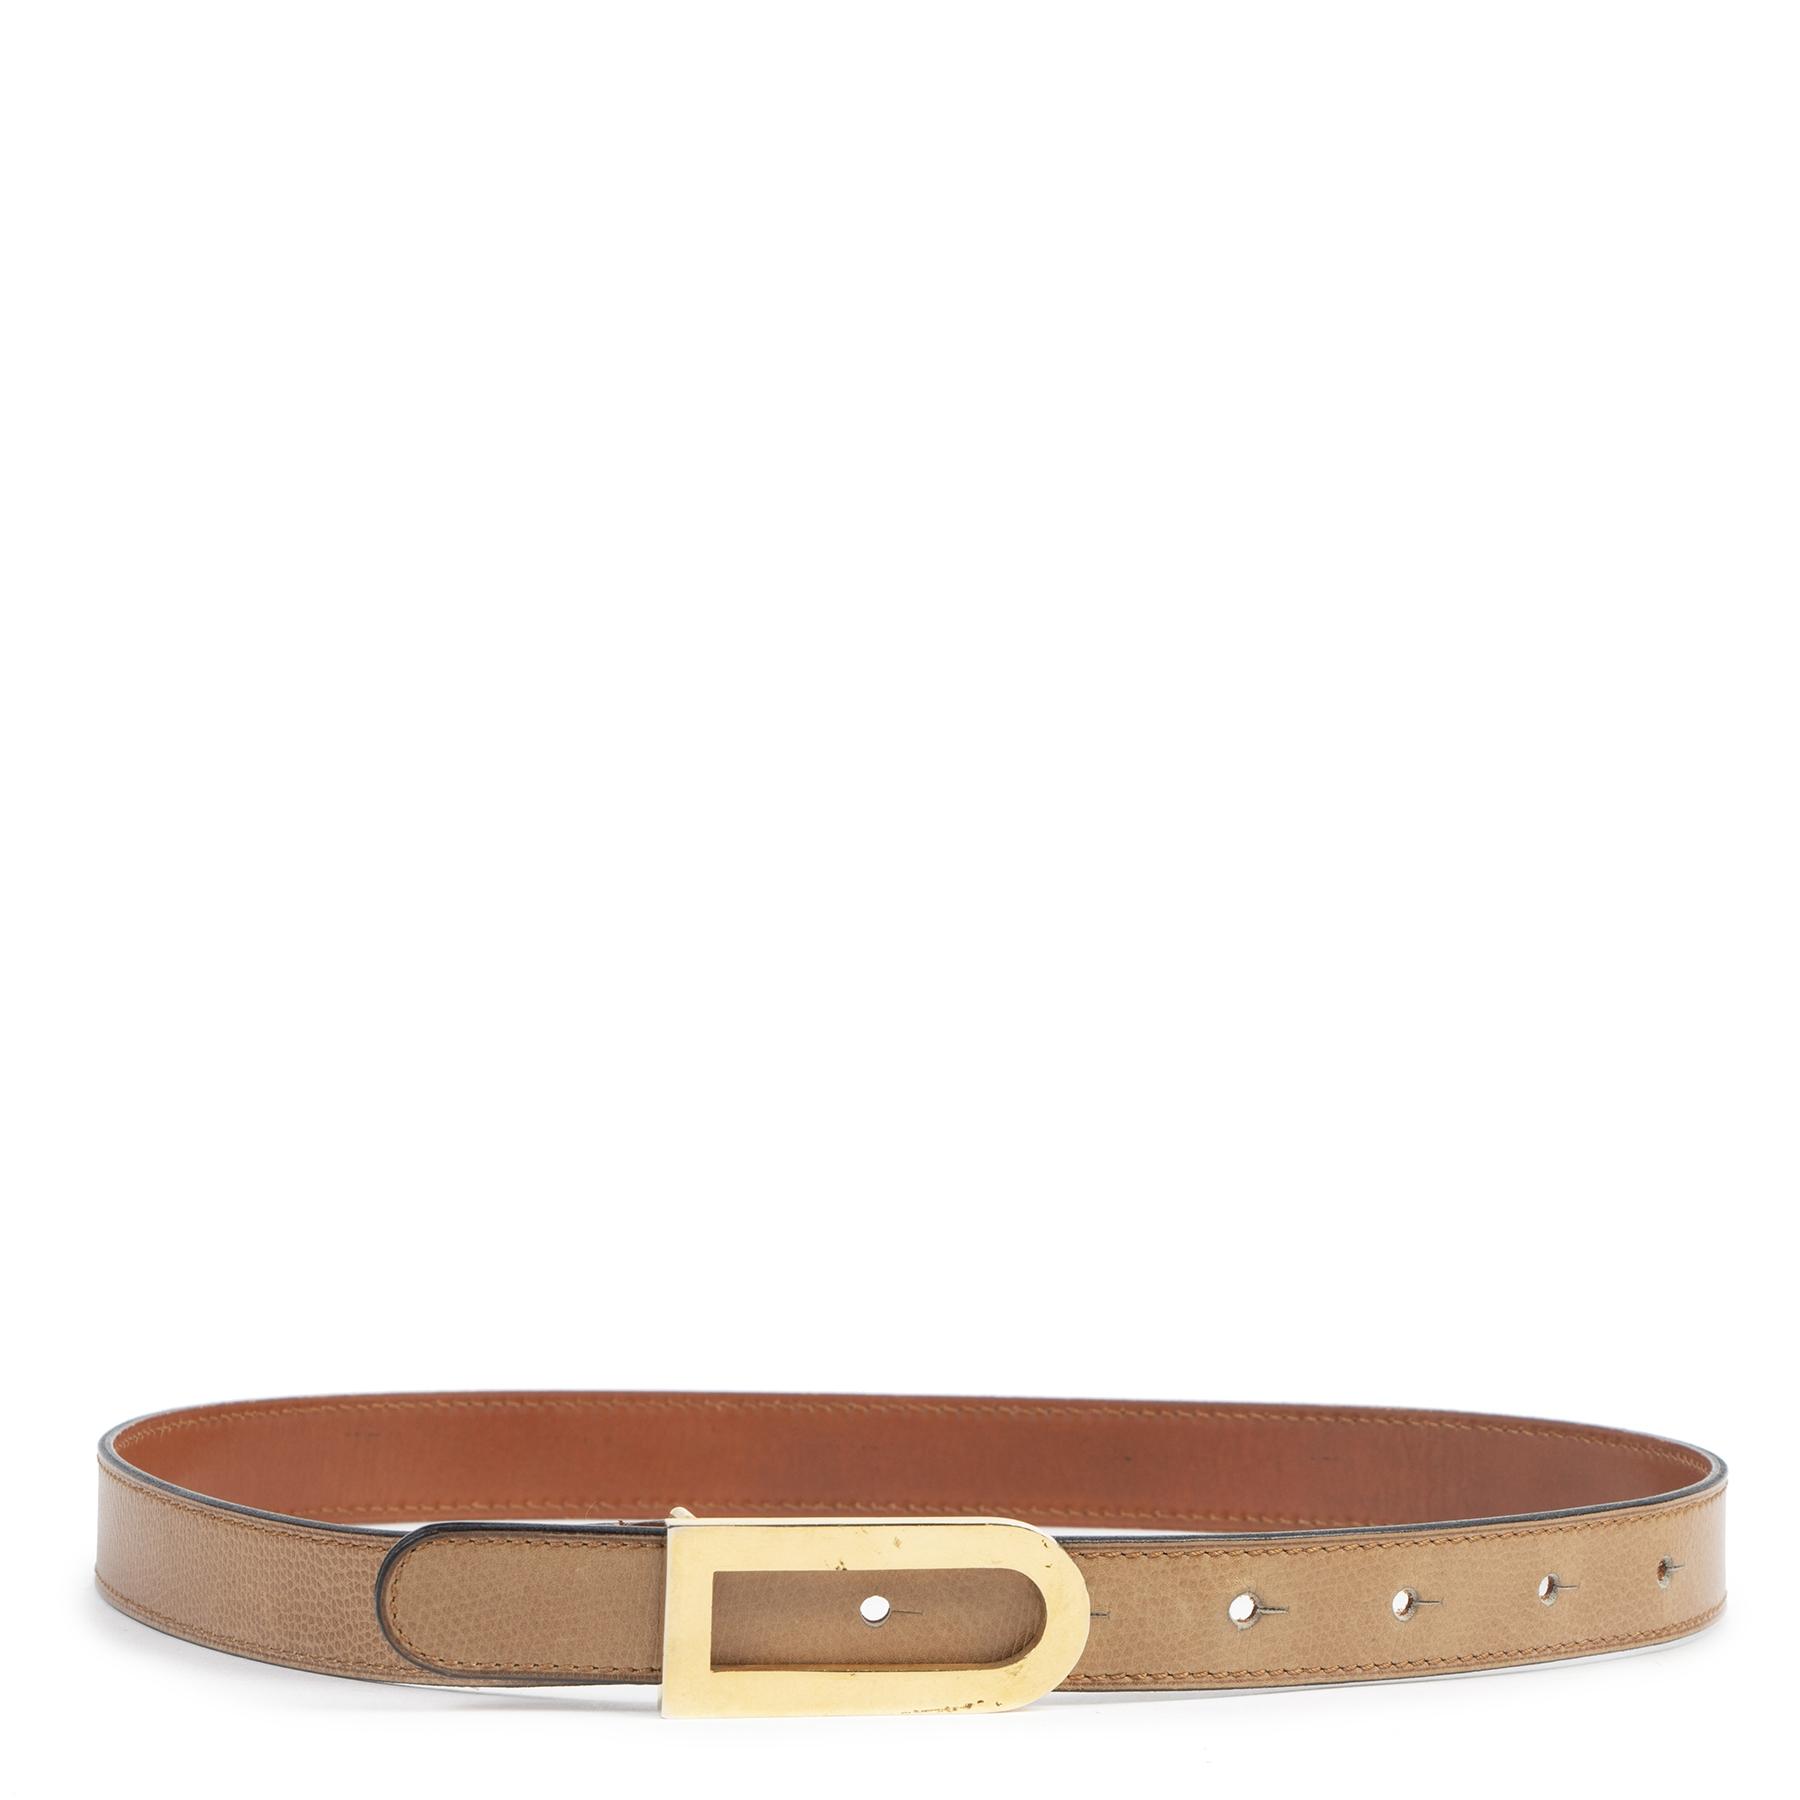 koop online tegen de beste prijs Delvaux Cognac D Belt - Size 75